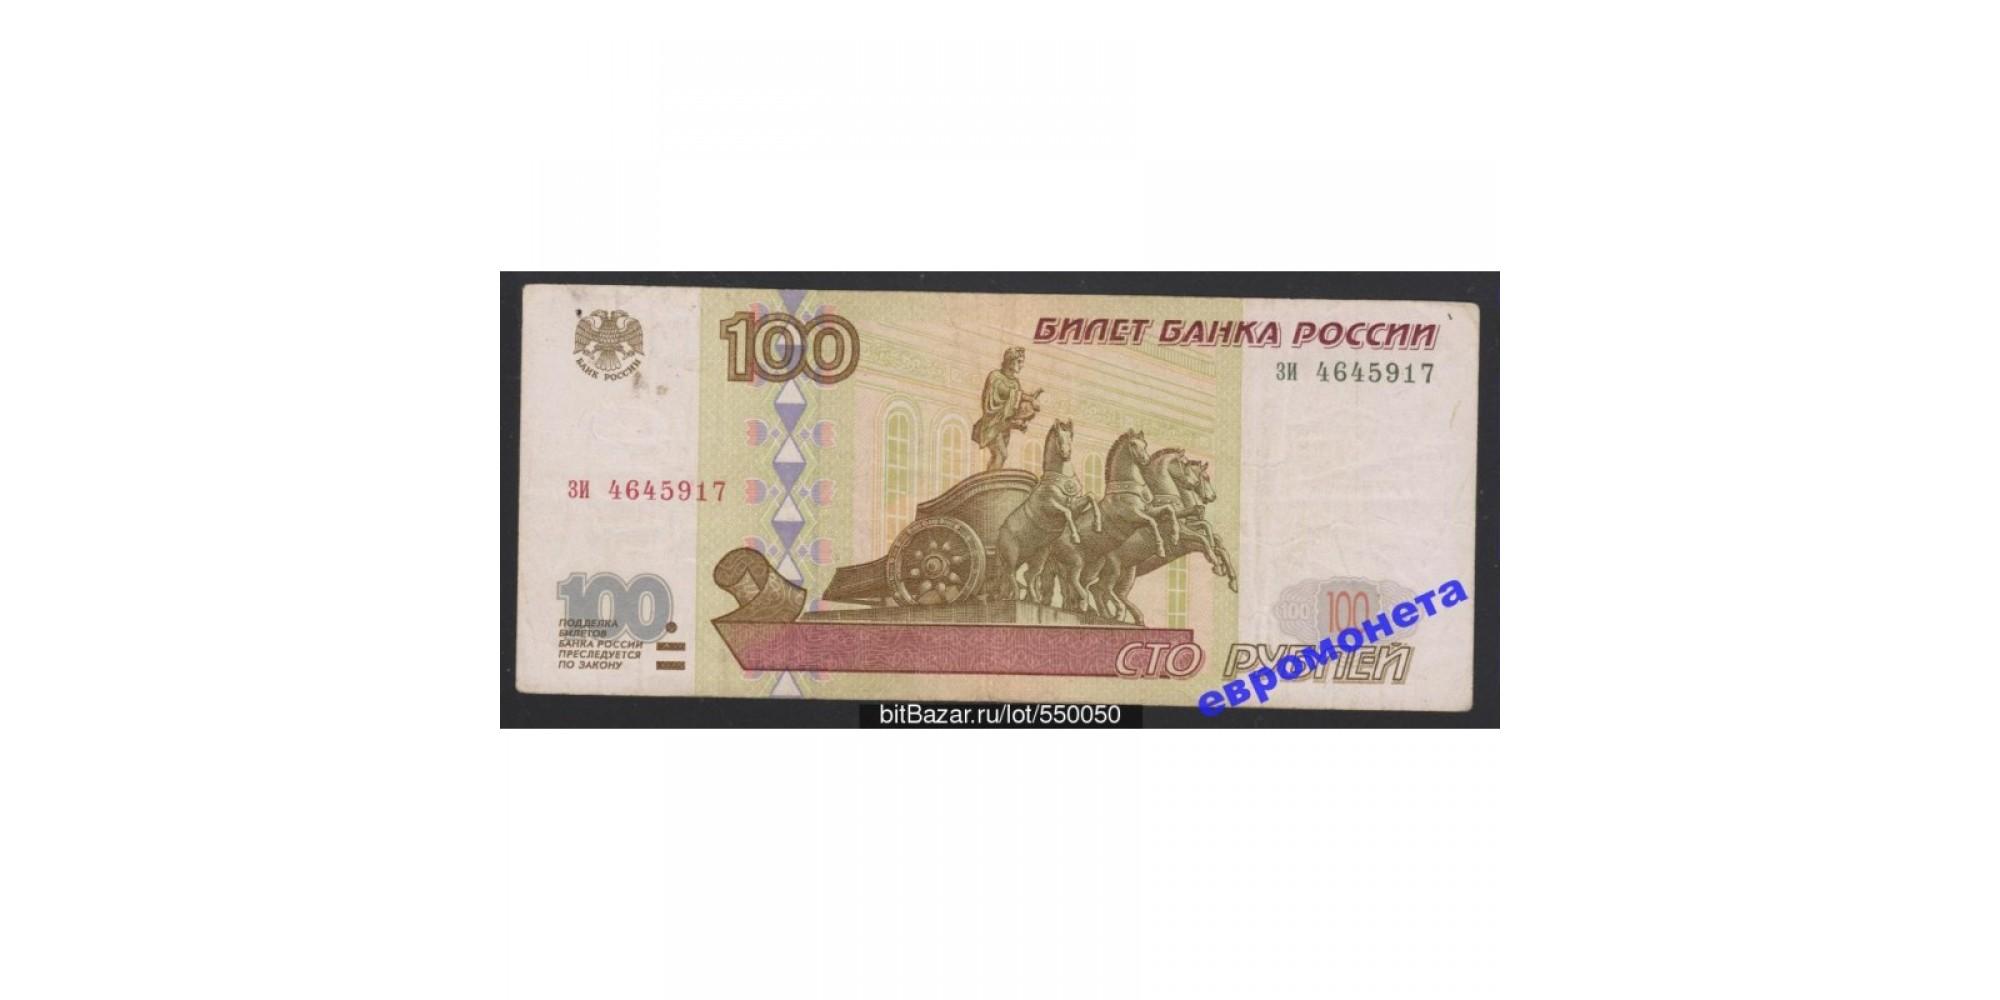 Россия 100 рублей 1997 год без модификации серия зи 4645917